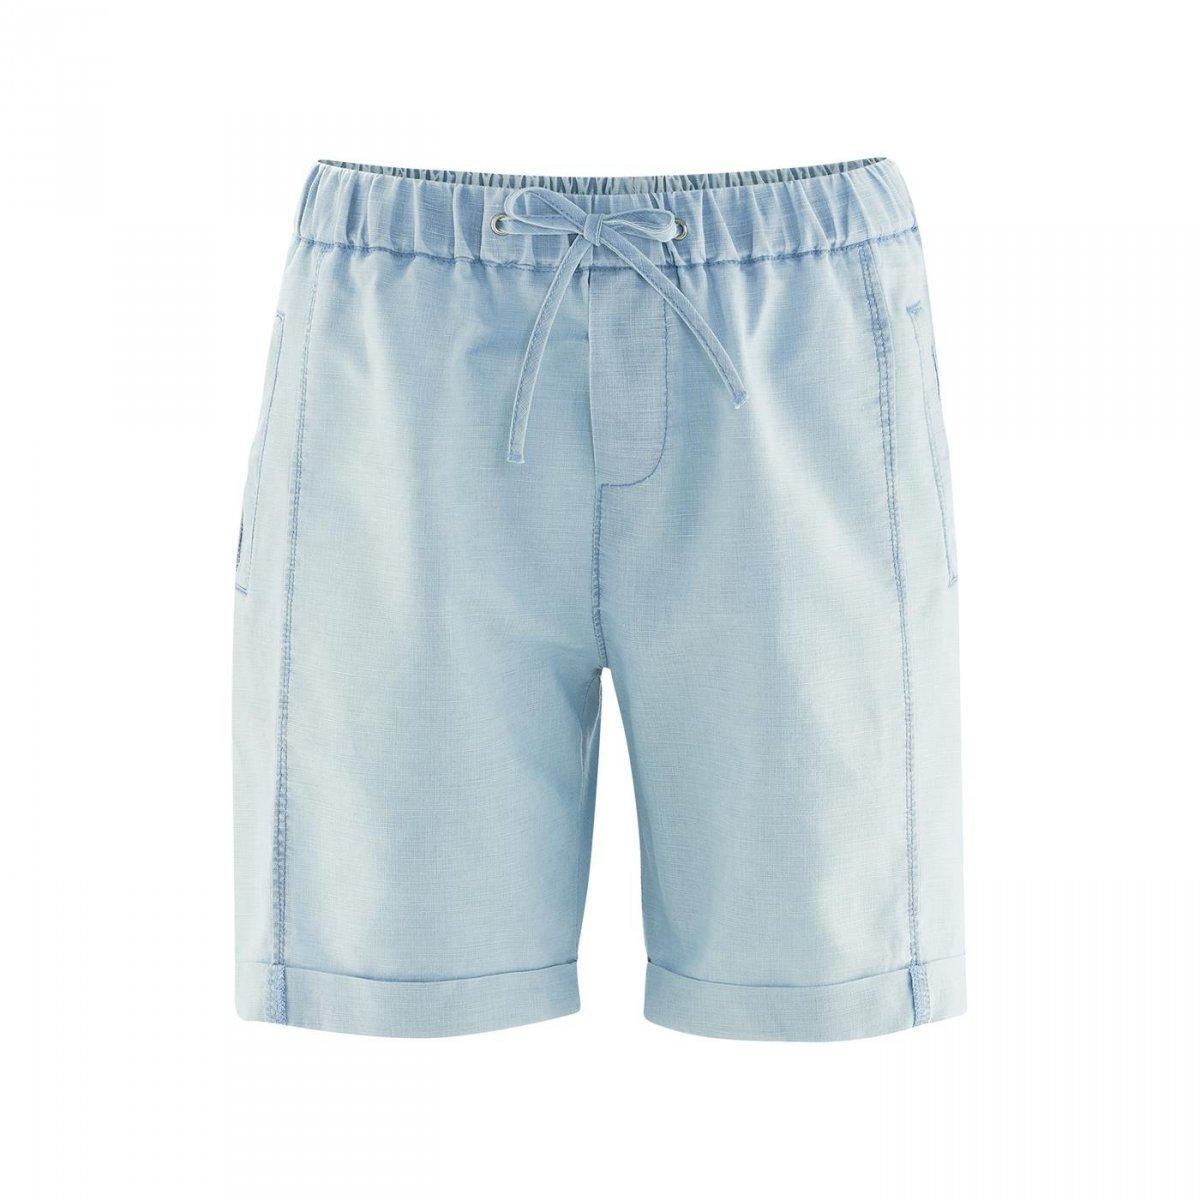 Pantaloni corti Arielle in lino e cotone biologico